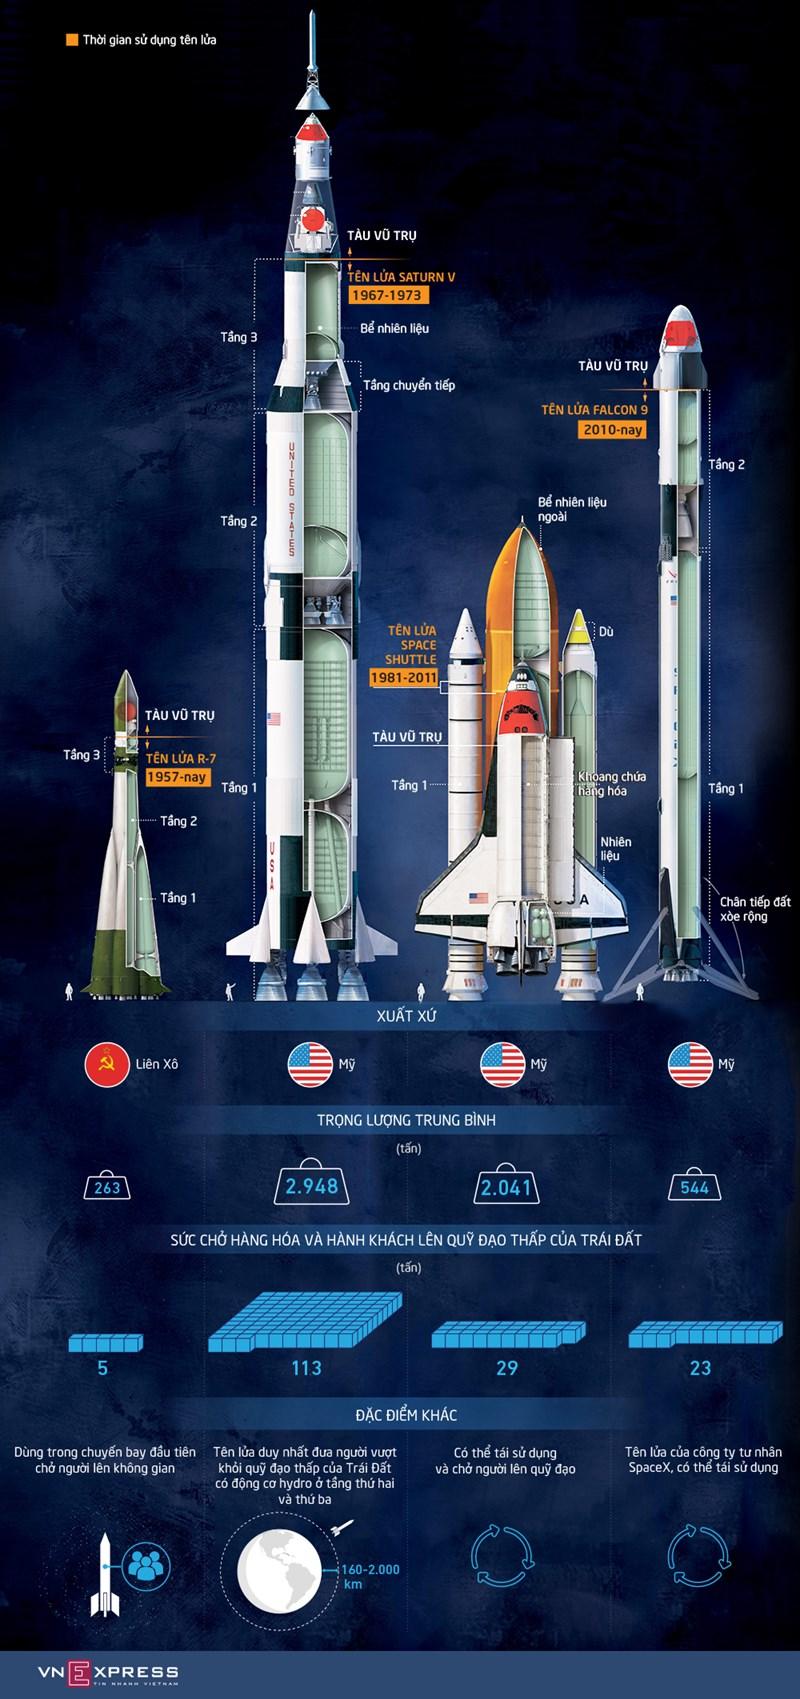 [Infographics] Những tên lửa được sử dụng trong lịch sử khám phá vũ trụ  - Ảnh 1